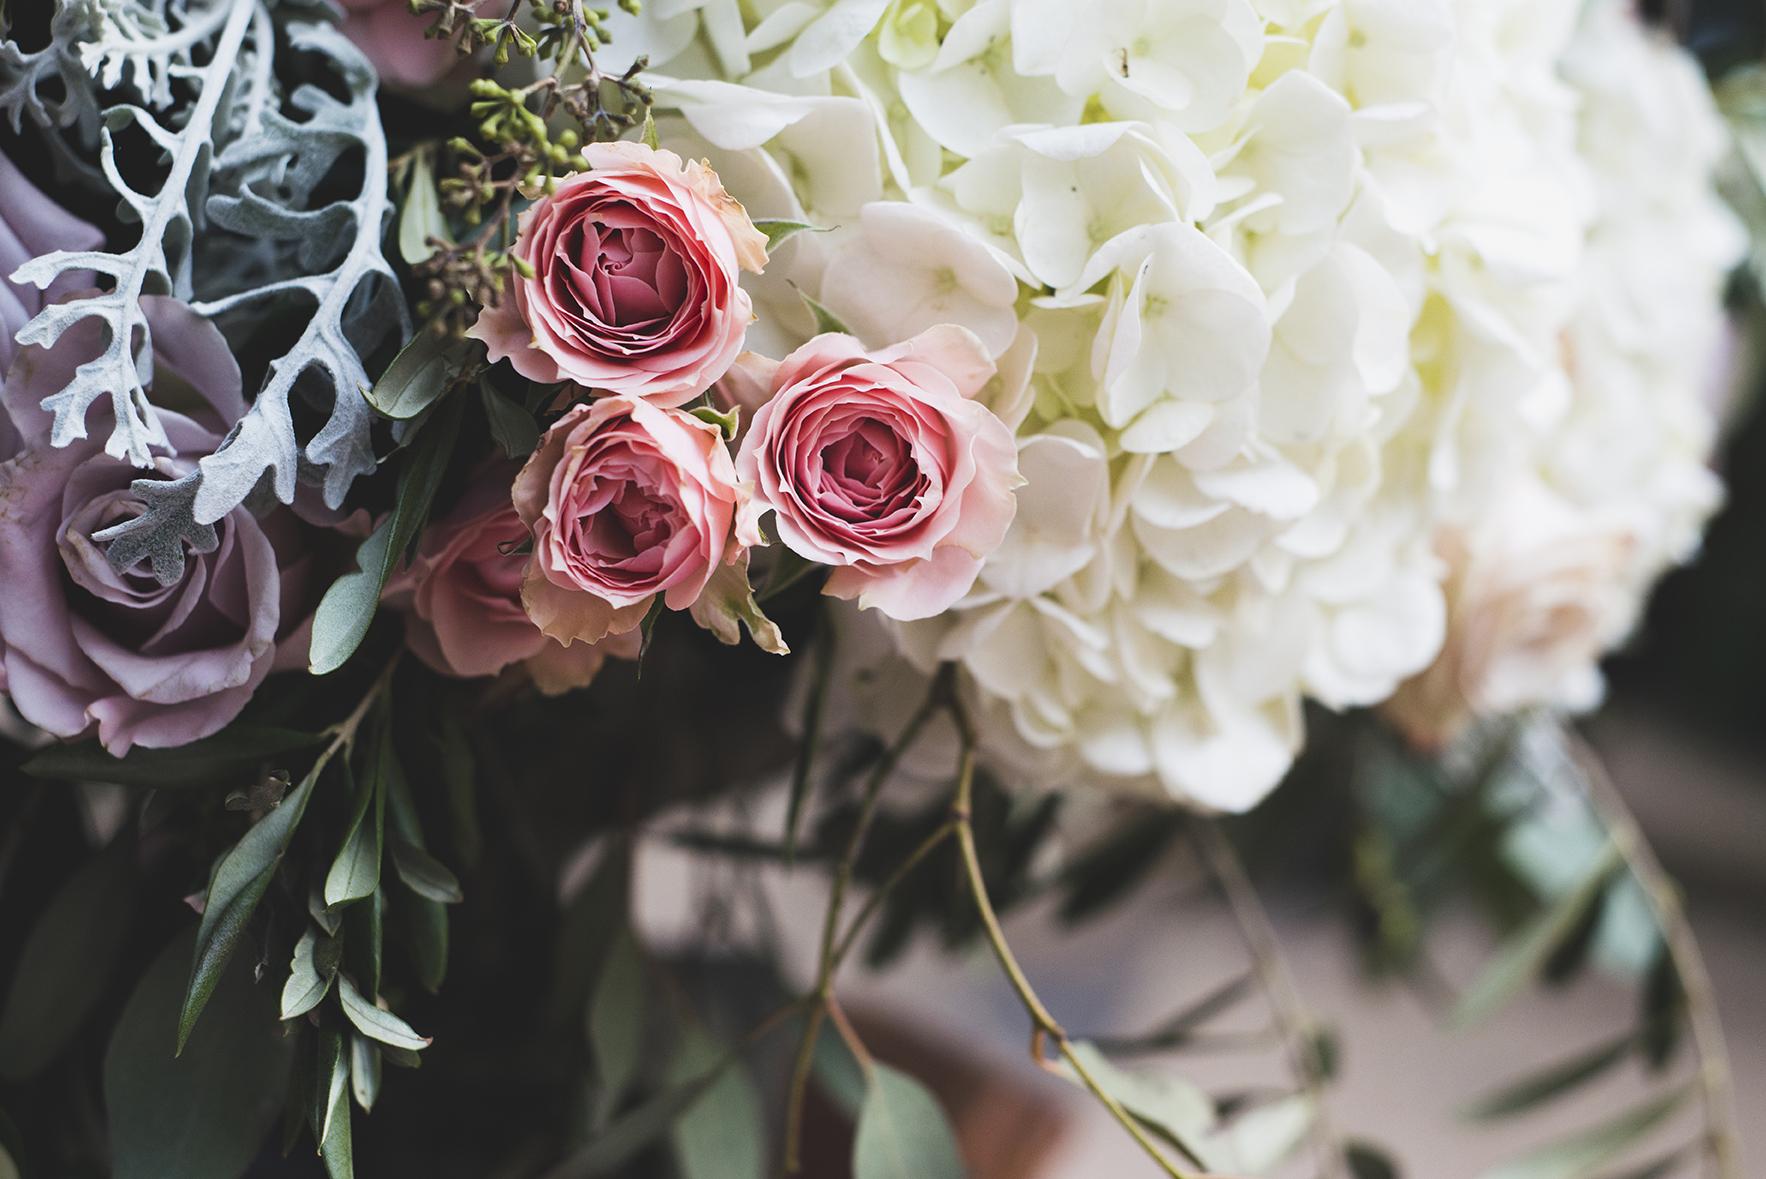 presumedeboda-wedding-planners-madrid-barcelona-boda-americana-castillo-blanes-11